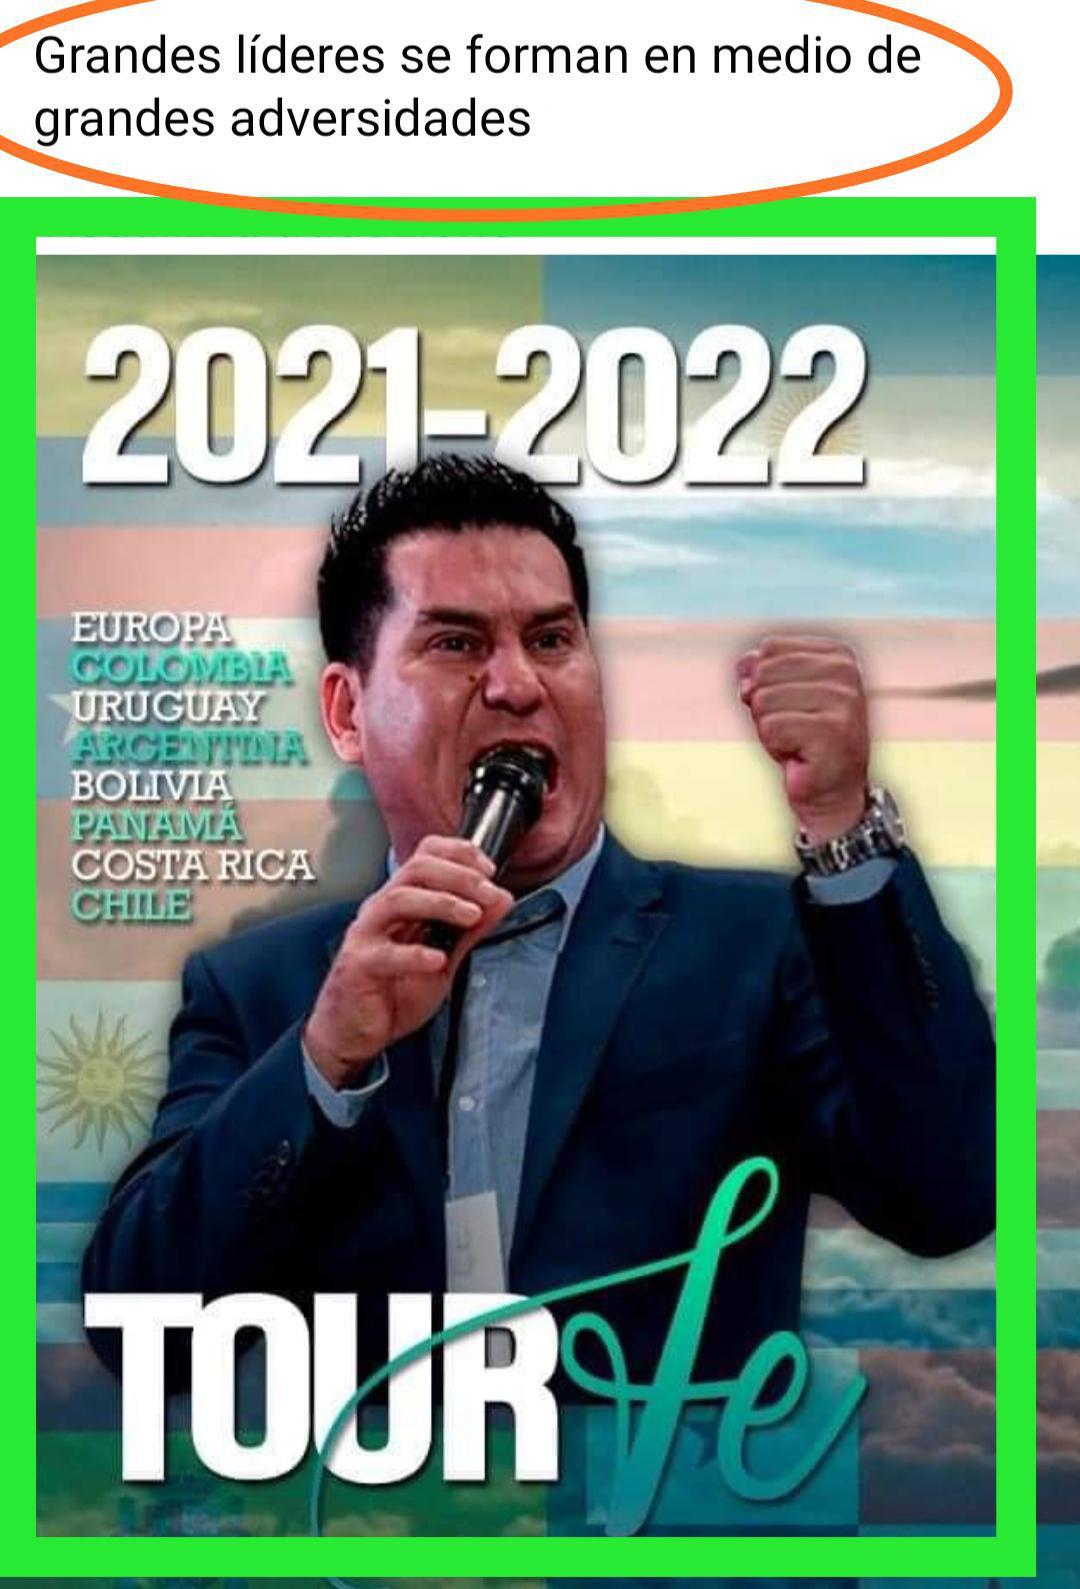 Hoy - Del Lunes, 8 de Febrero al Domingo, 14 de Febrero 2021